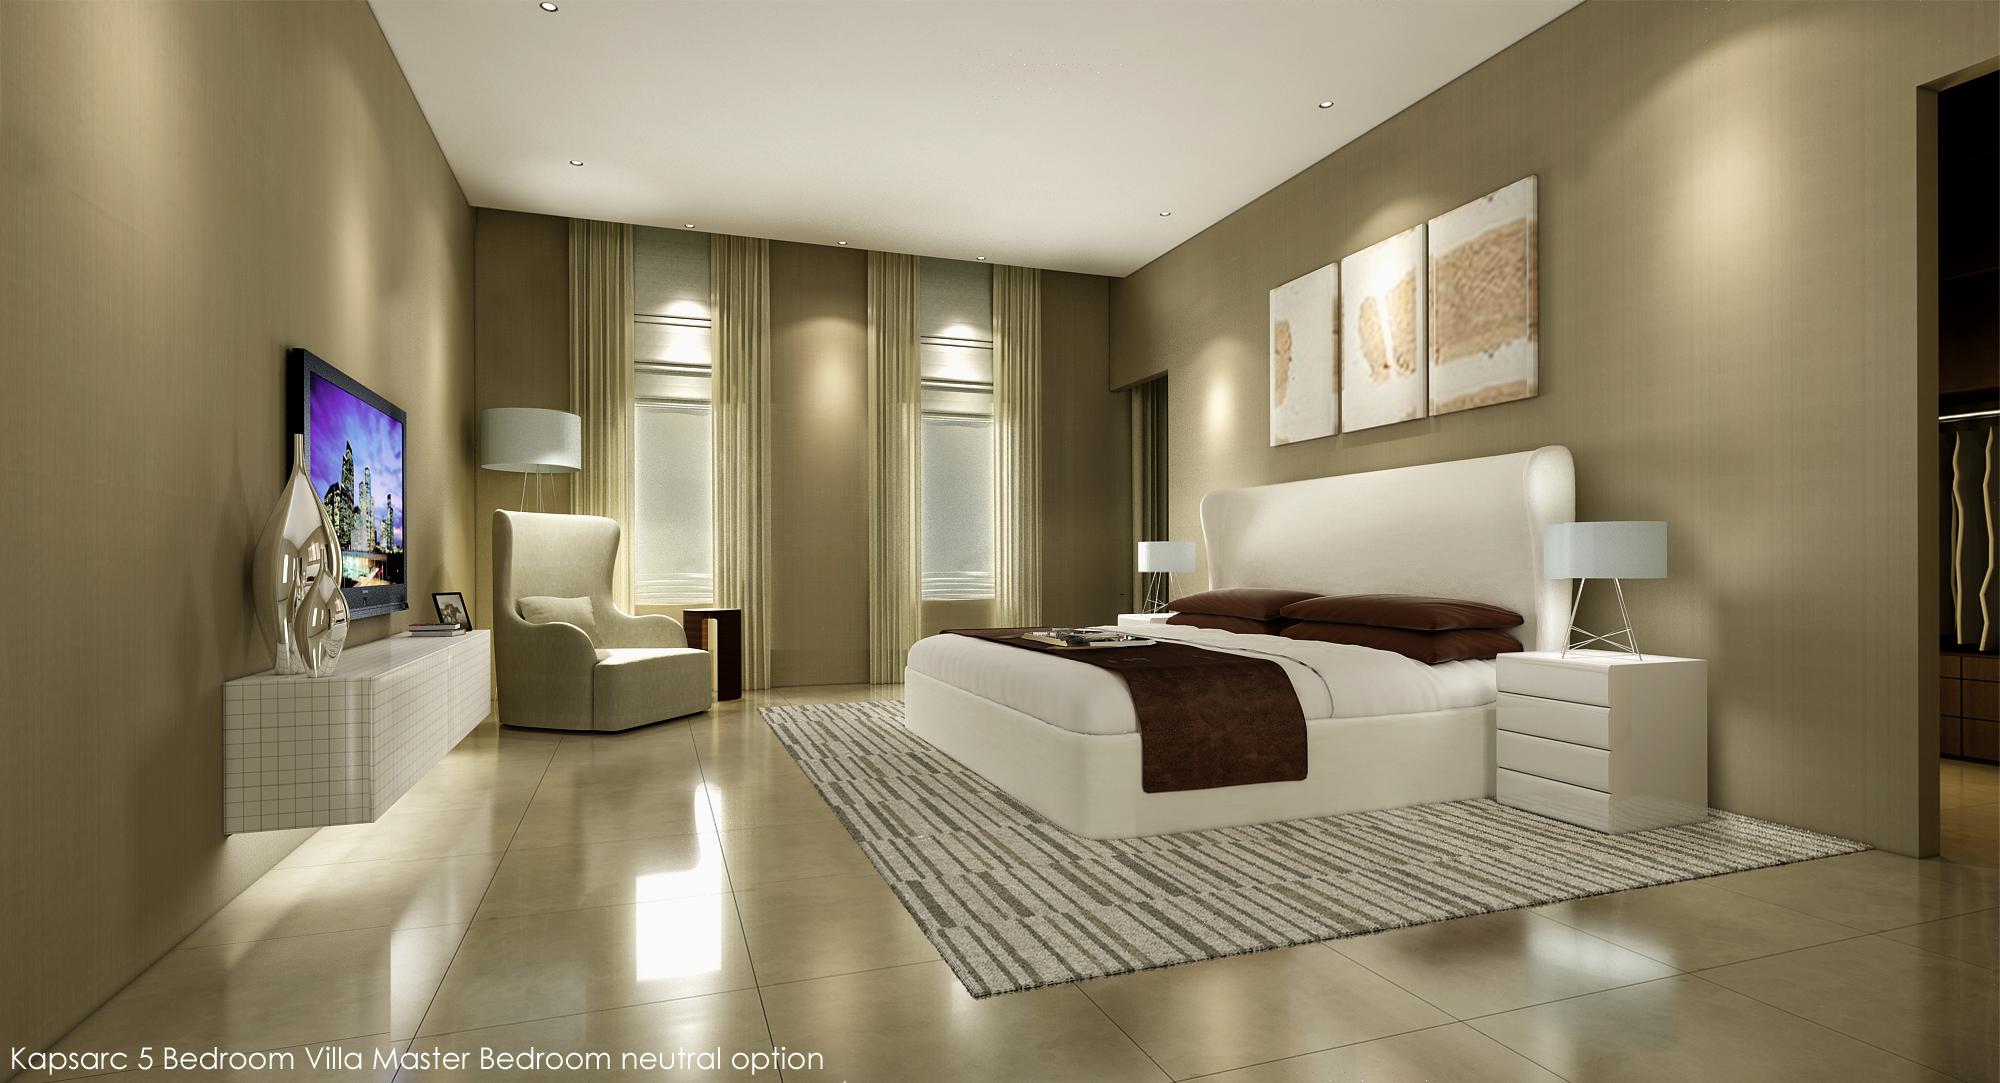 Kapsarc 5 Bedroom Villa Master Bedroom neutral option.jpg